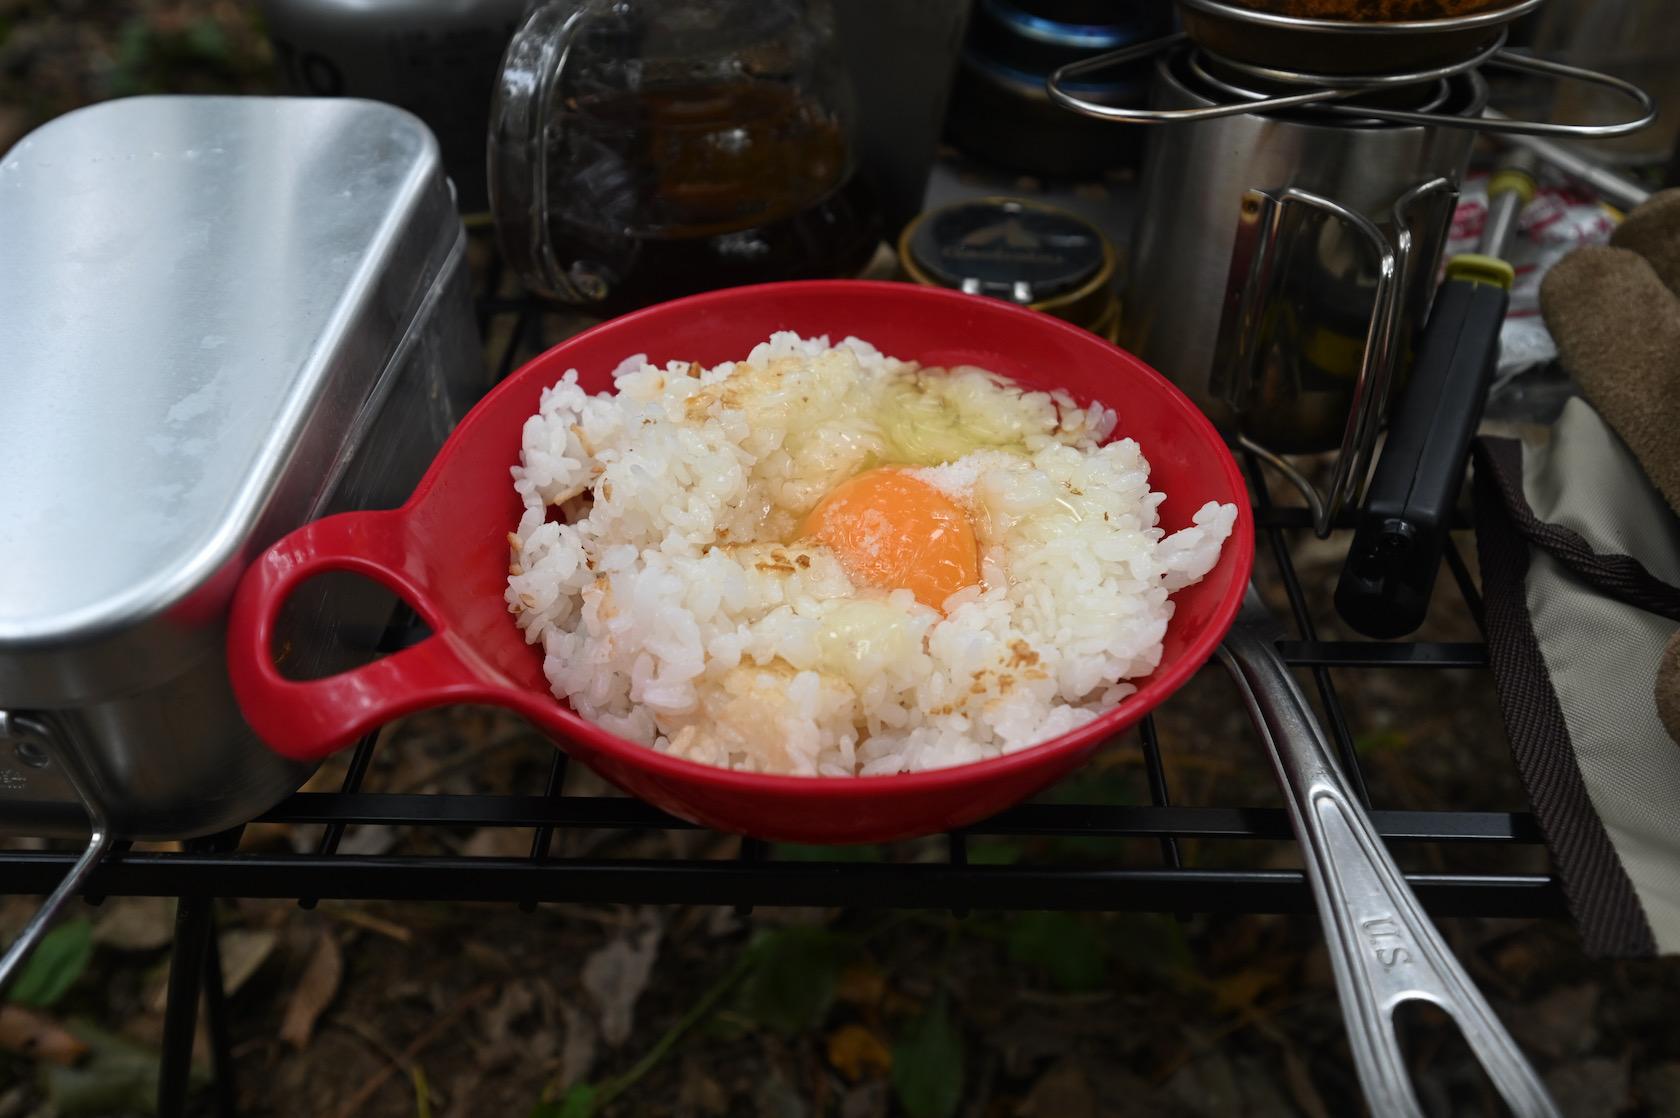 メスティンで炊いた米でたまごかけご飯